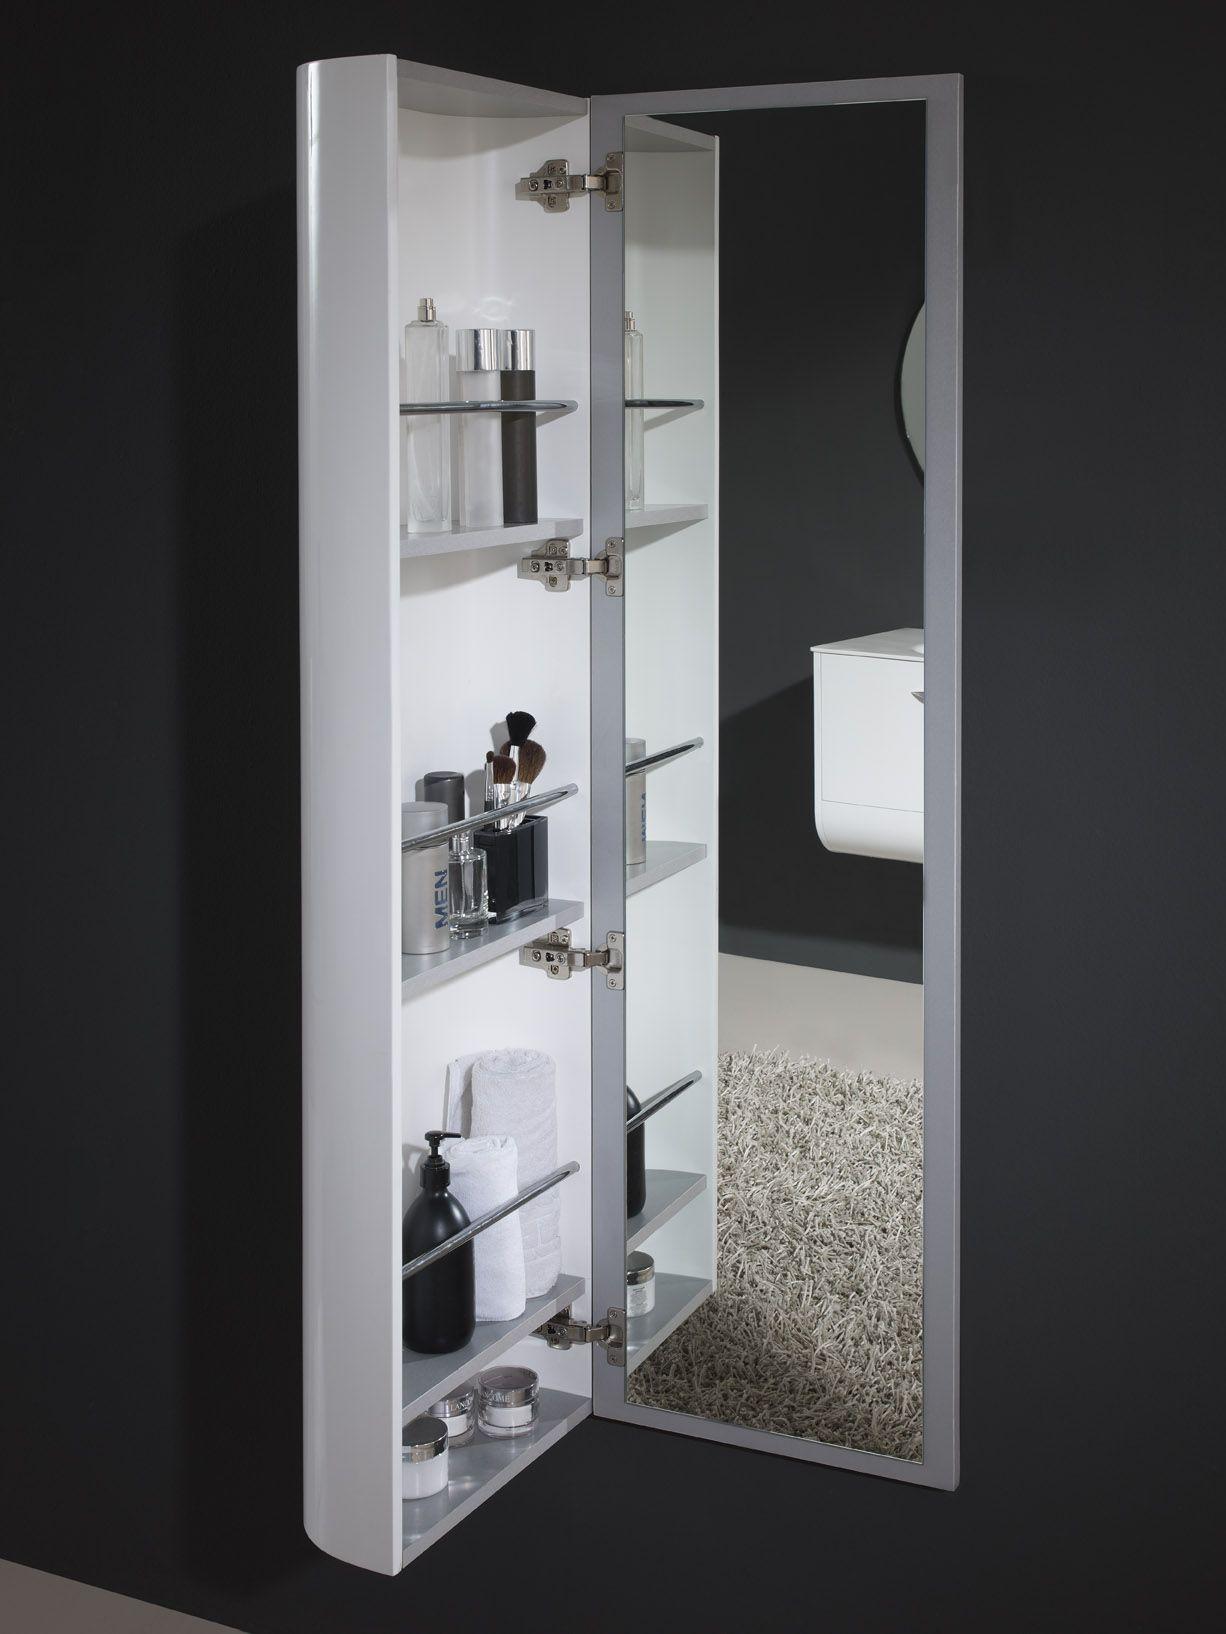 armario para baño con espejo interior   Muebles de baño   Pinterest ...